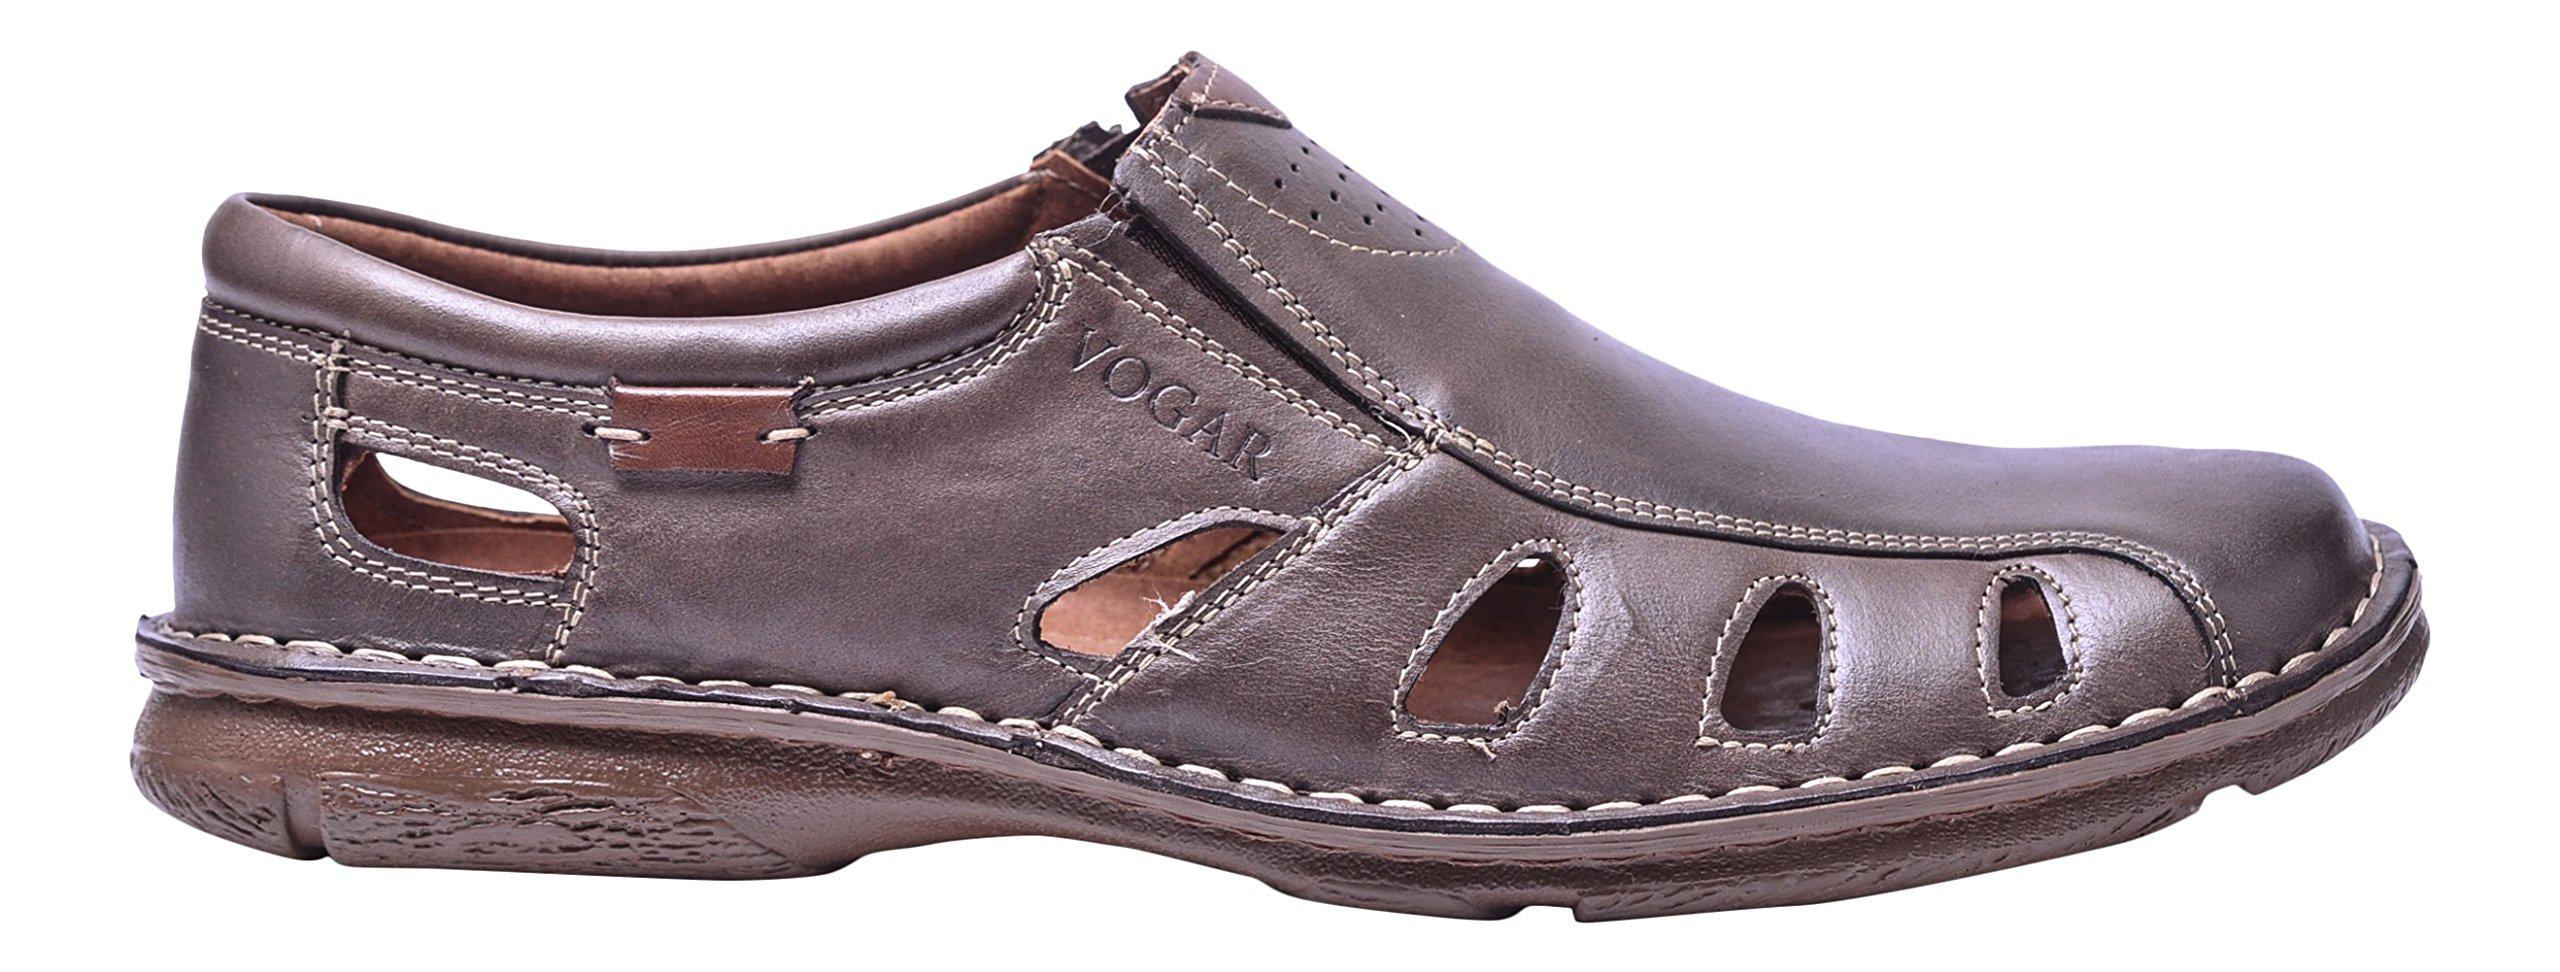 Vogar Men's Sandals Summer Flat Leather Slip On Shoes VG4910 Brown 11.5 US